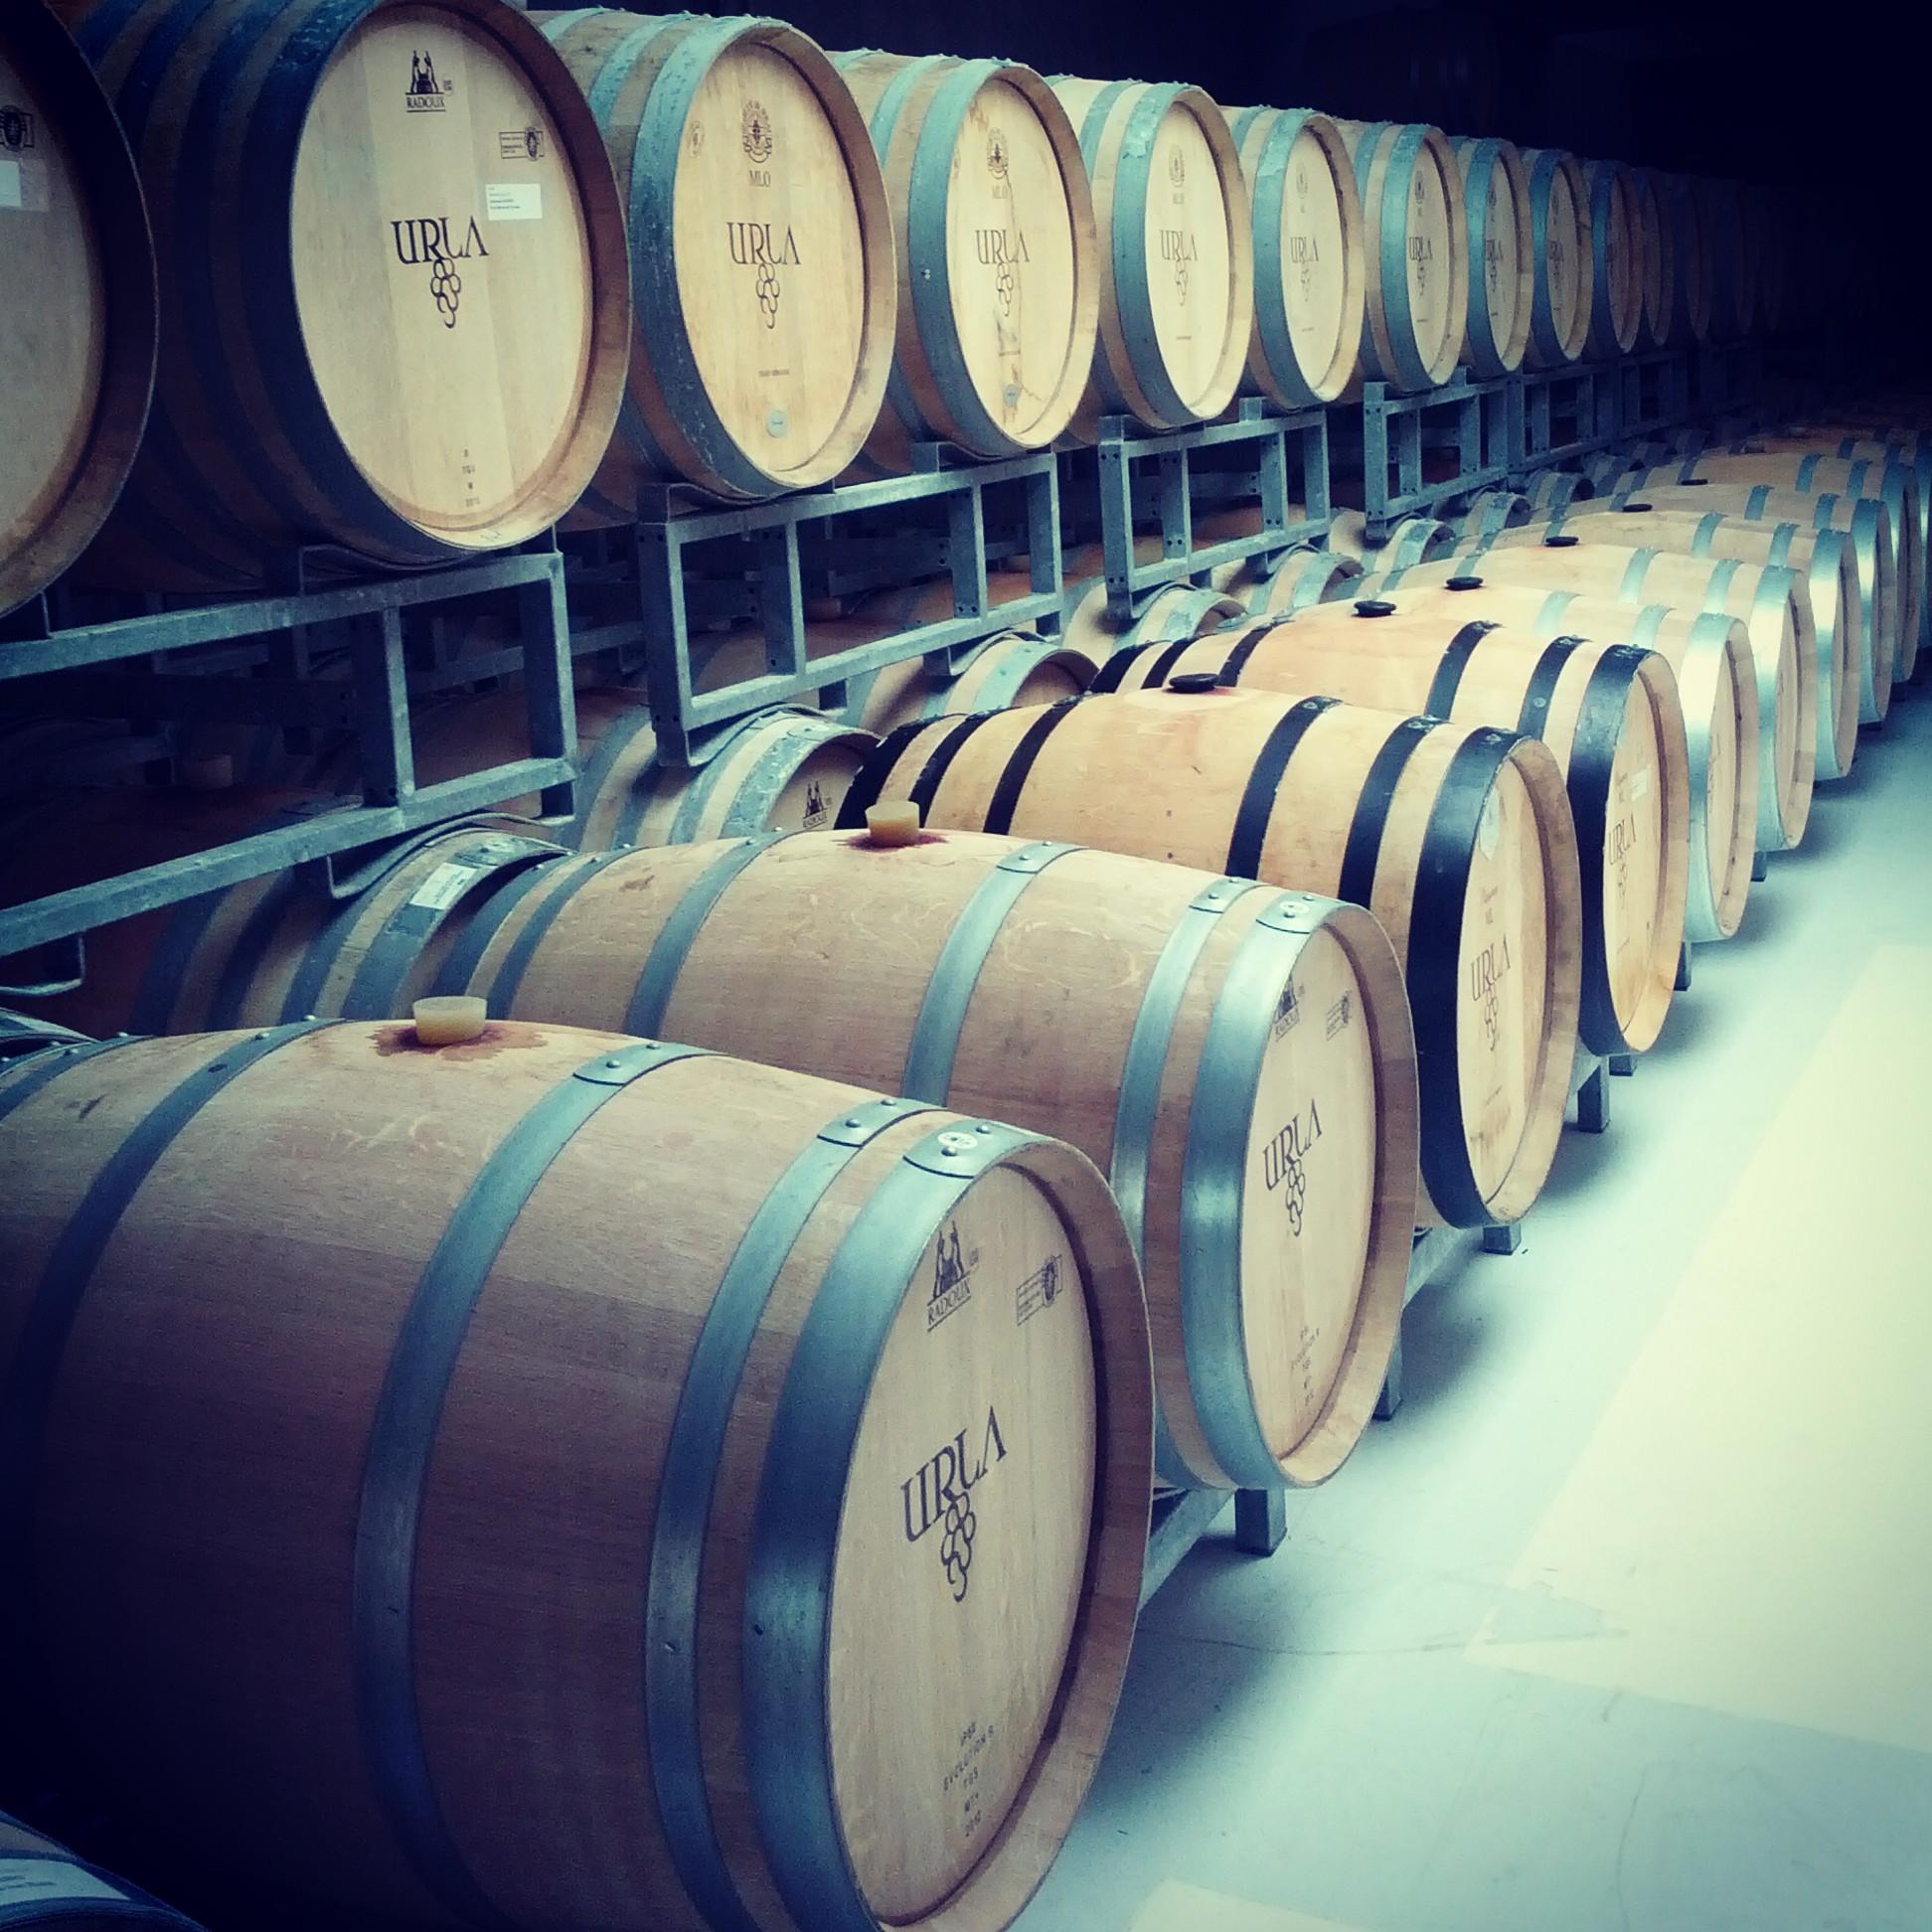 Wine Barrels by spookytr